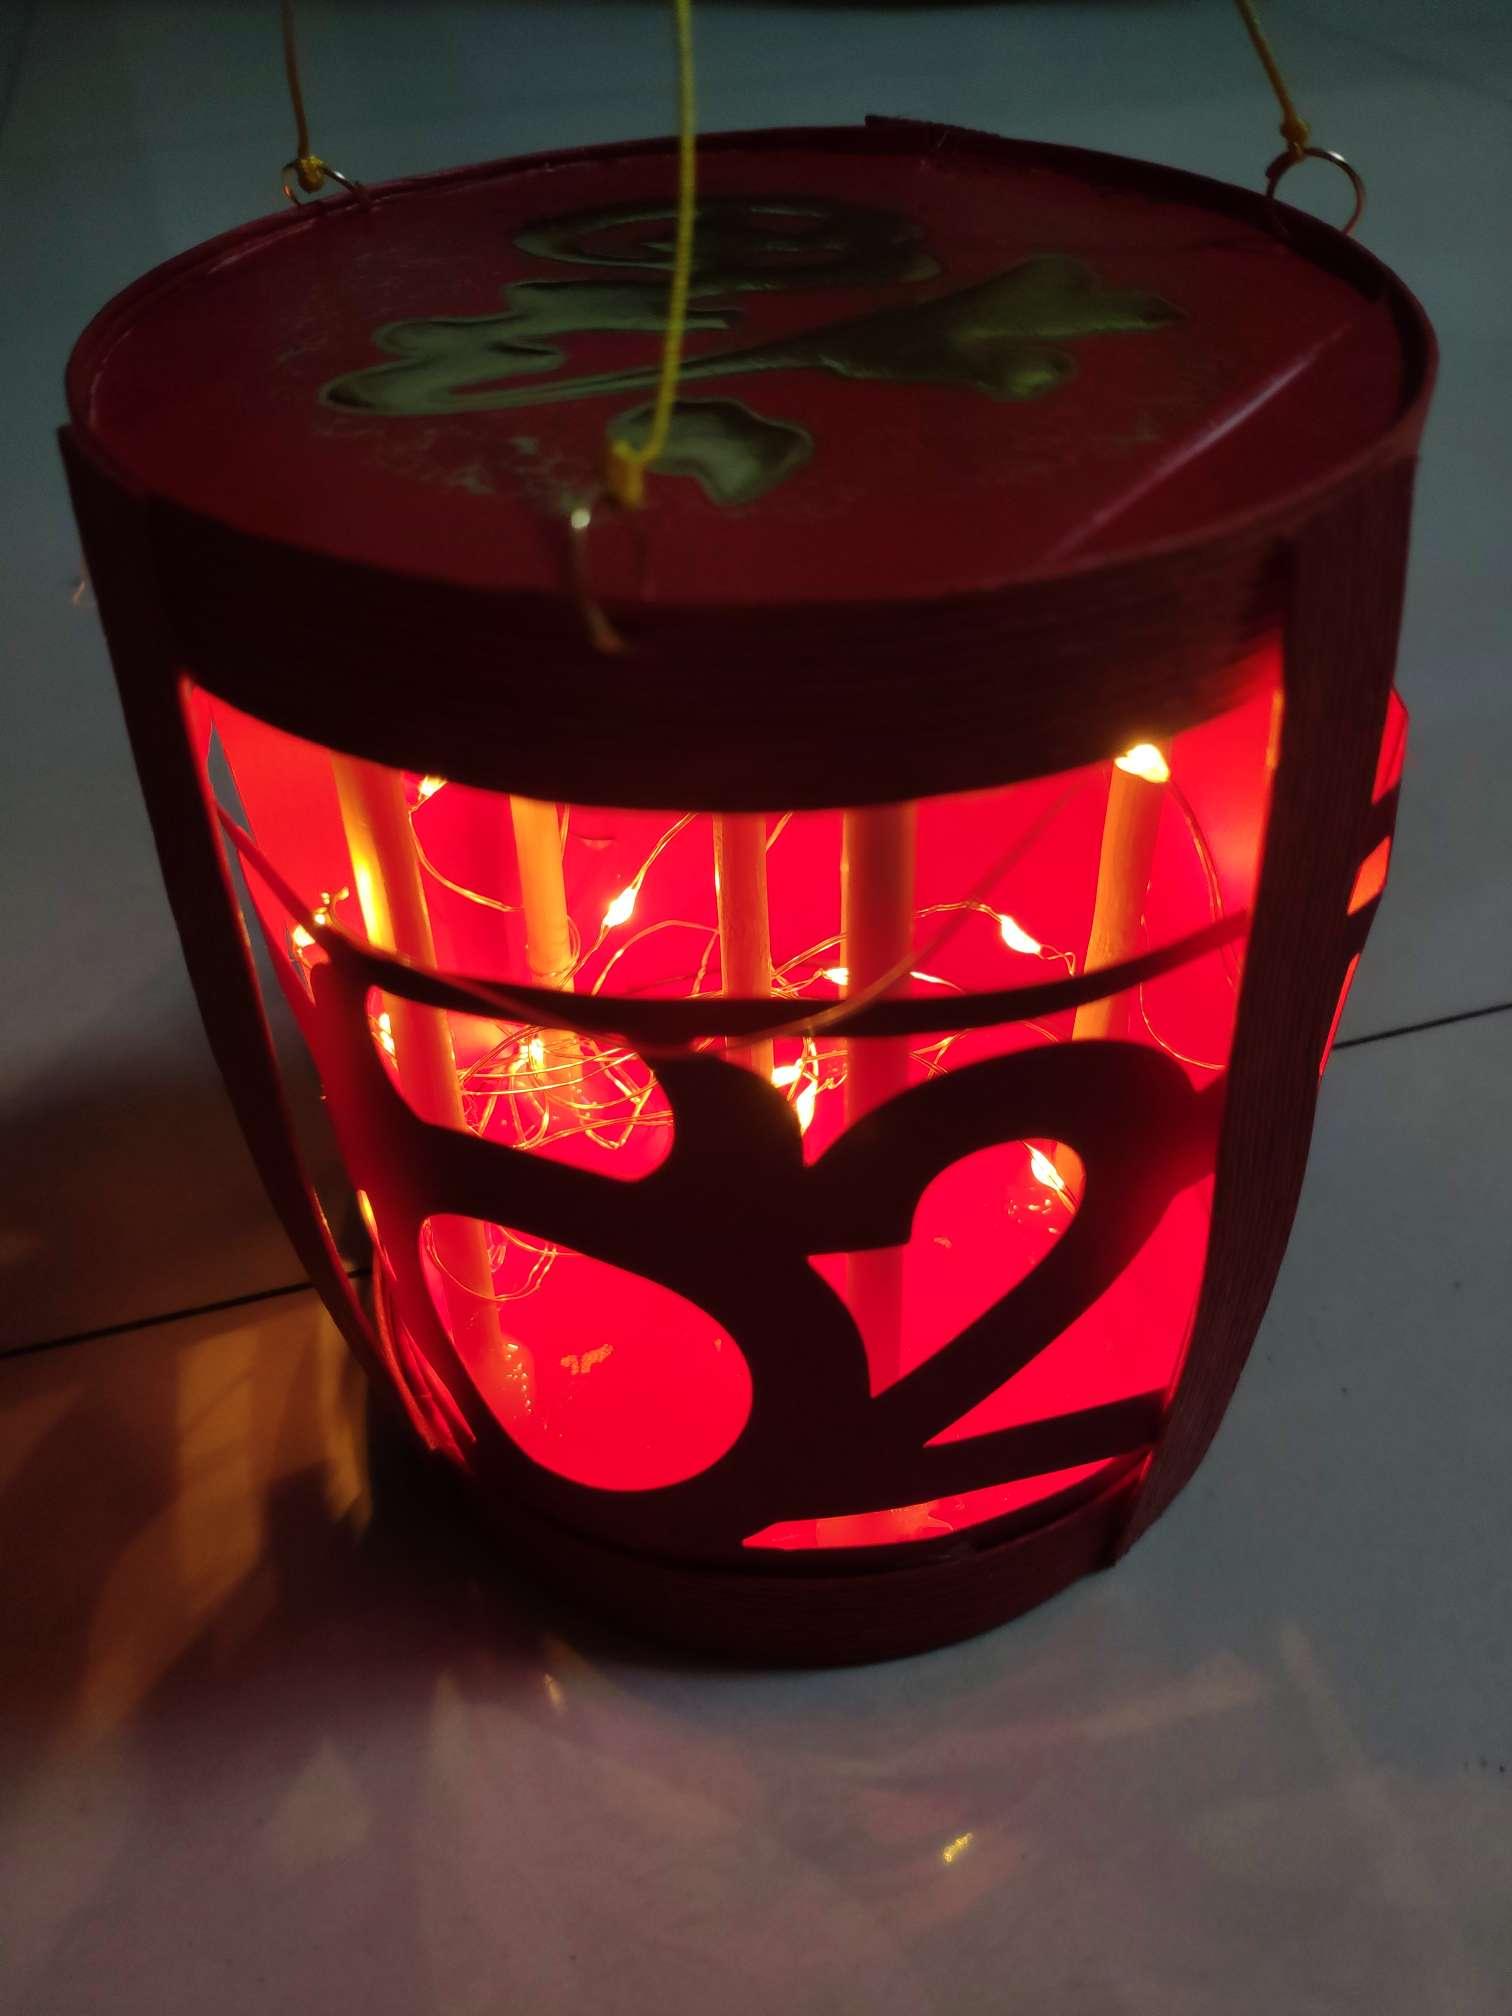 老师要求用现有材料做一个元宵灯笼,肝了4小时终于做了一个